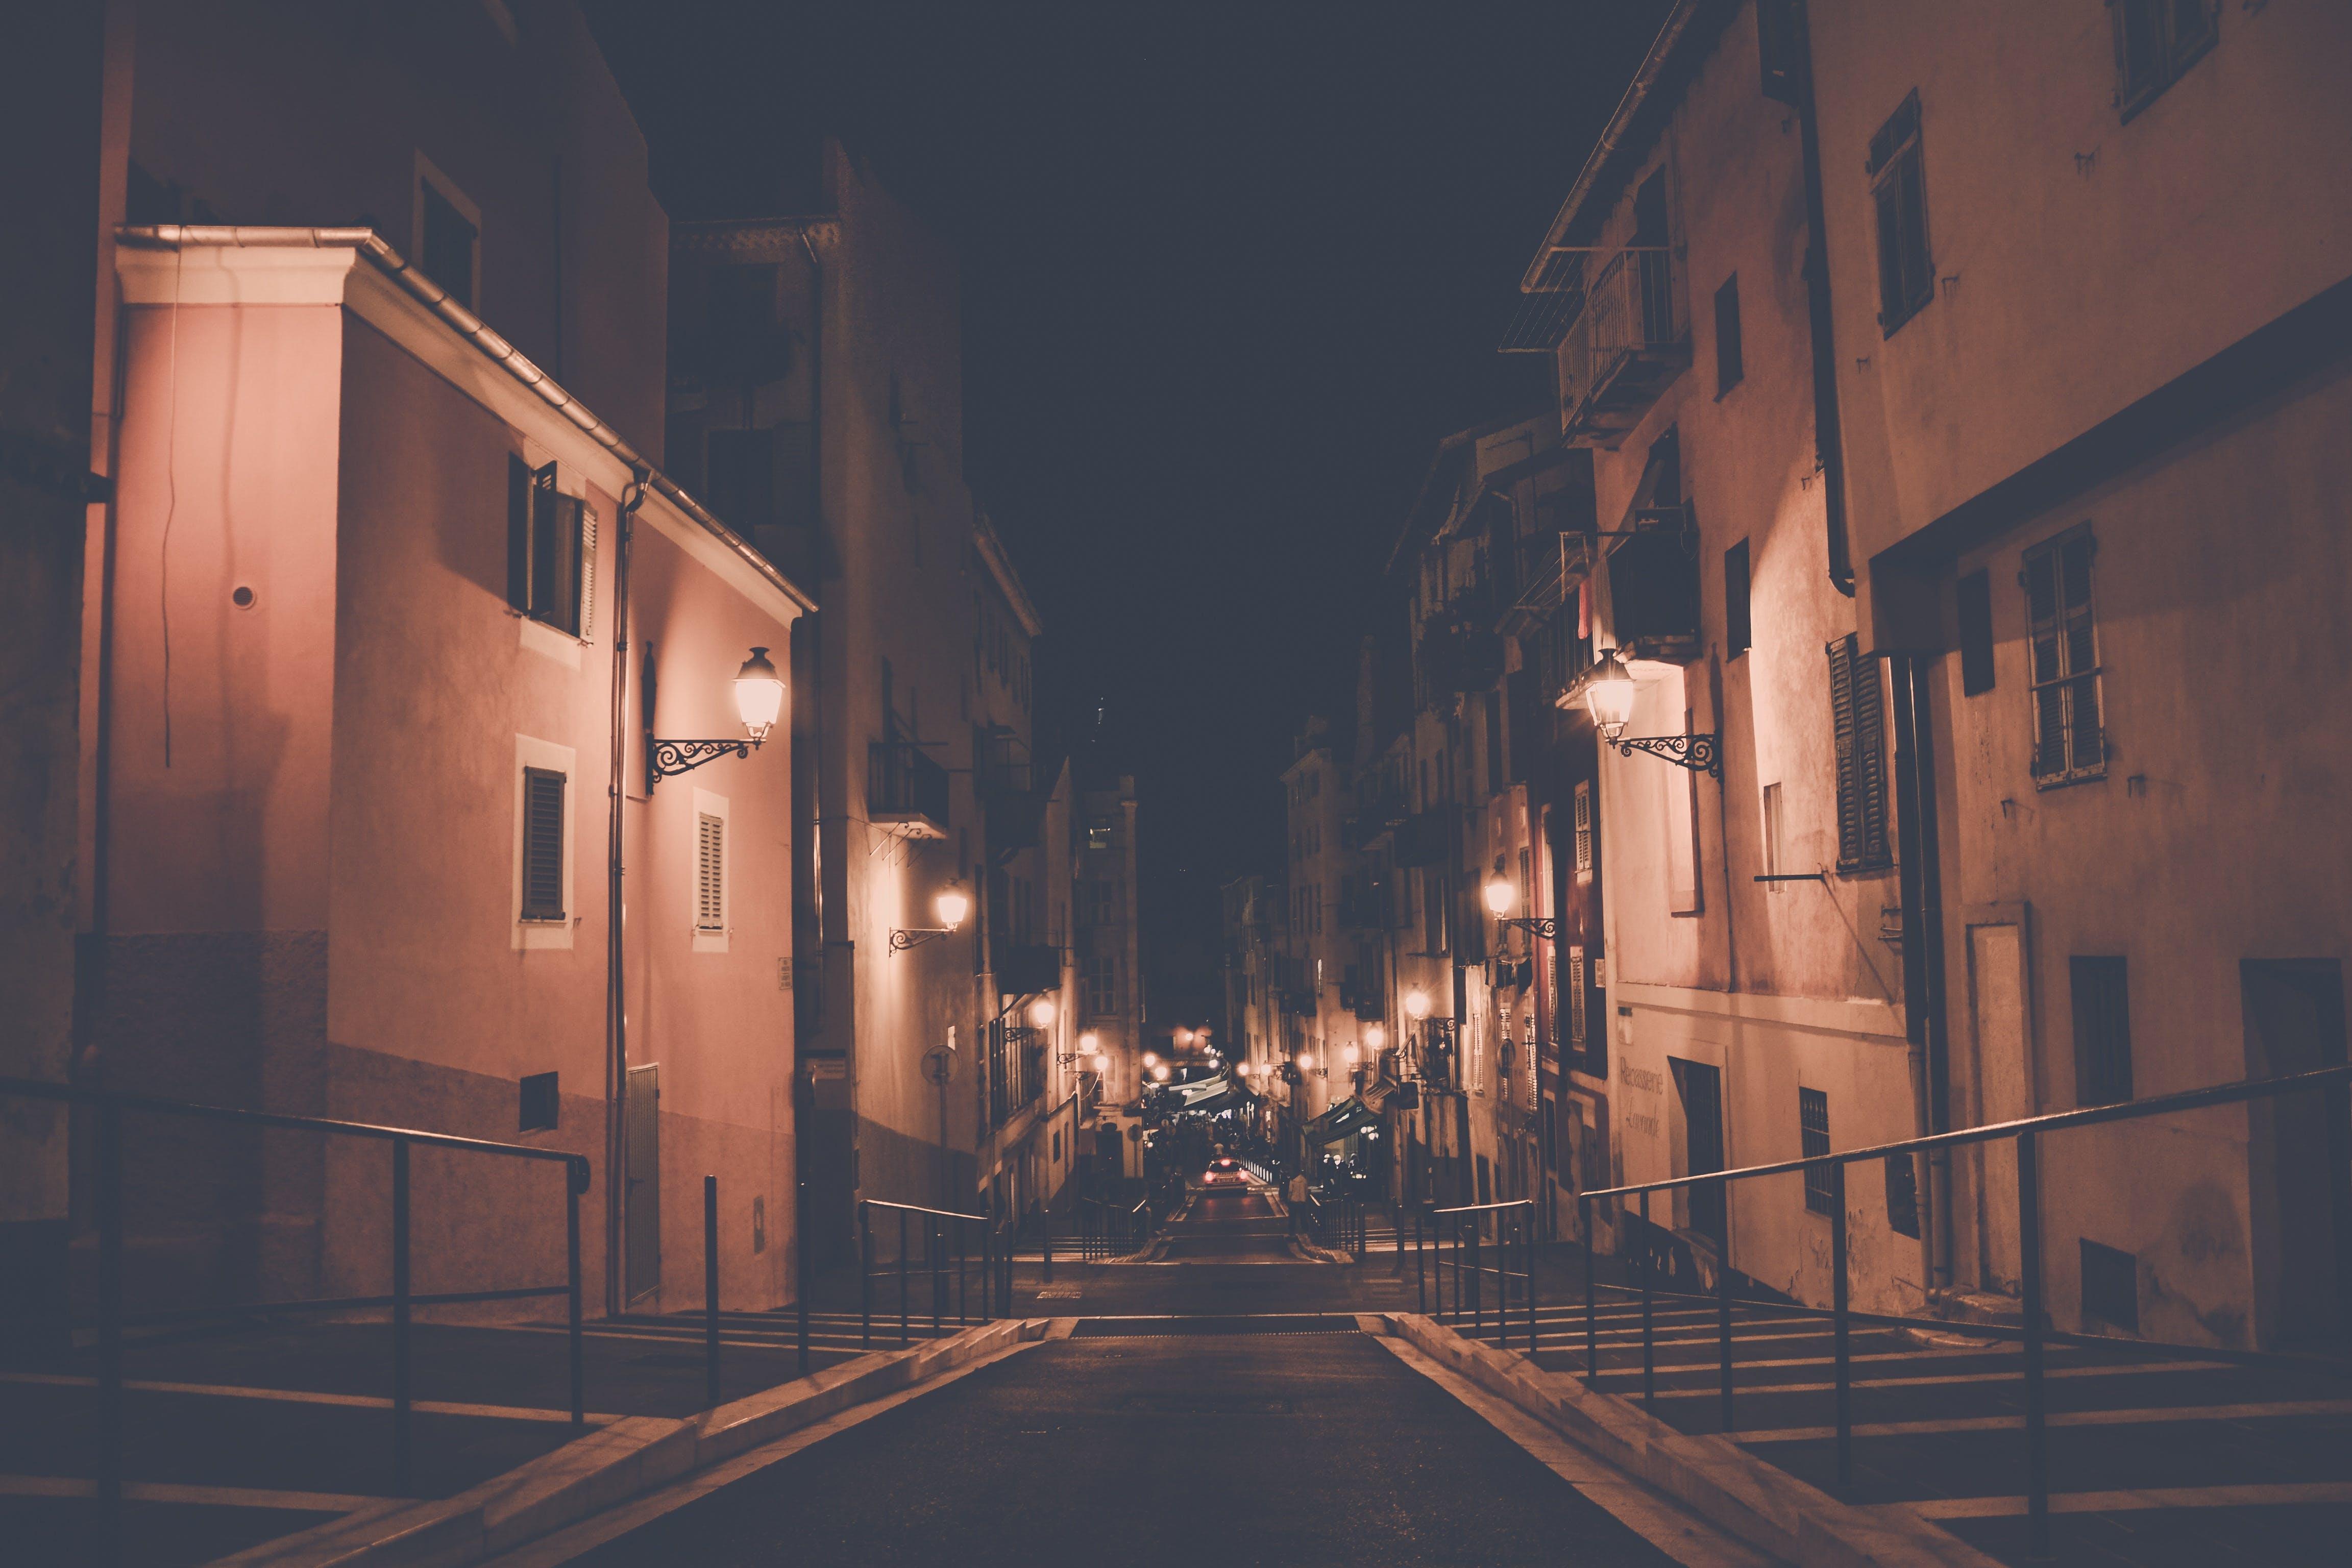 Kostenloses Stock Foto zu architektur, dunkel, gebäude, nacht